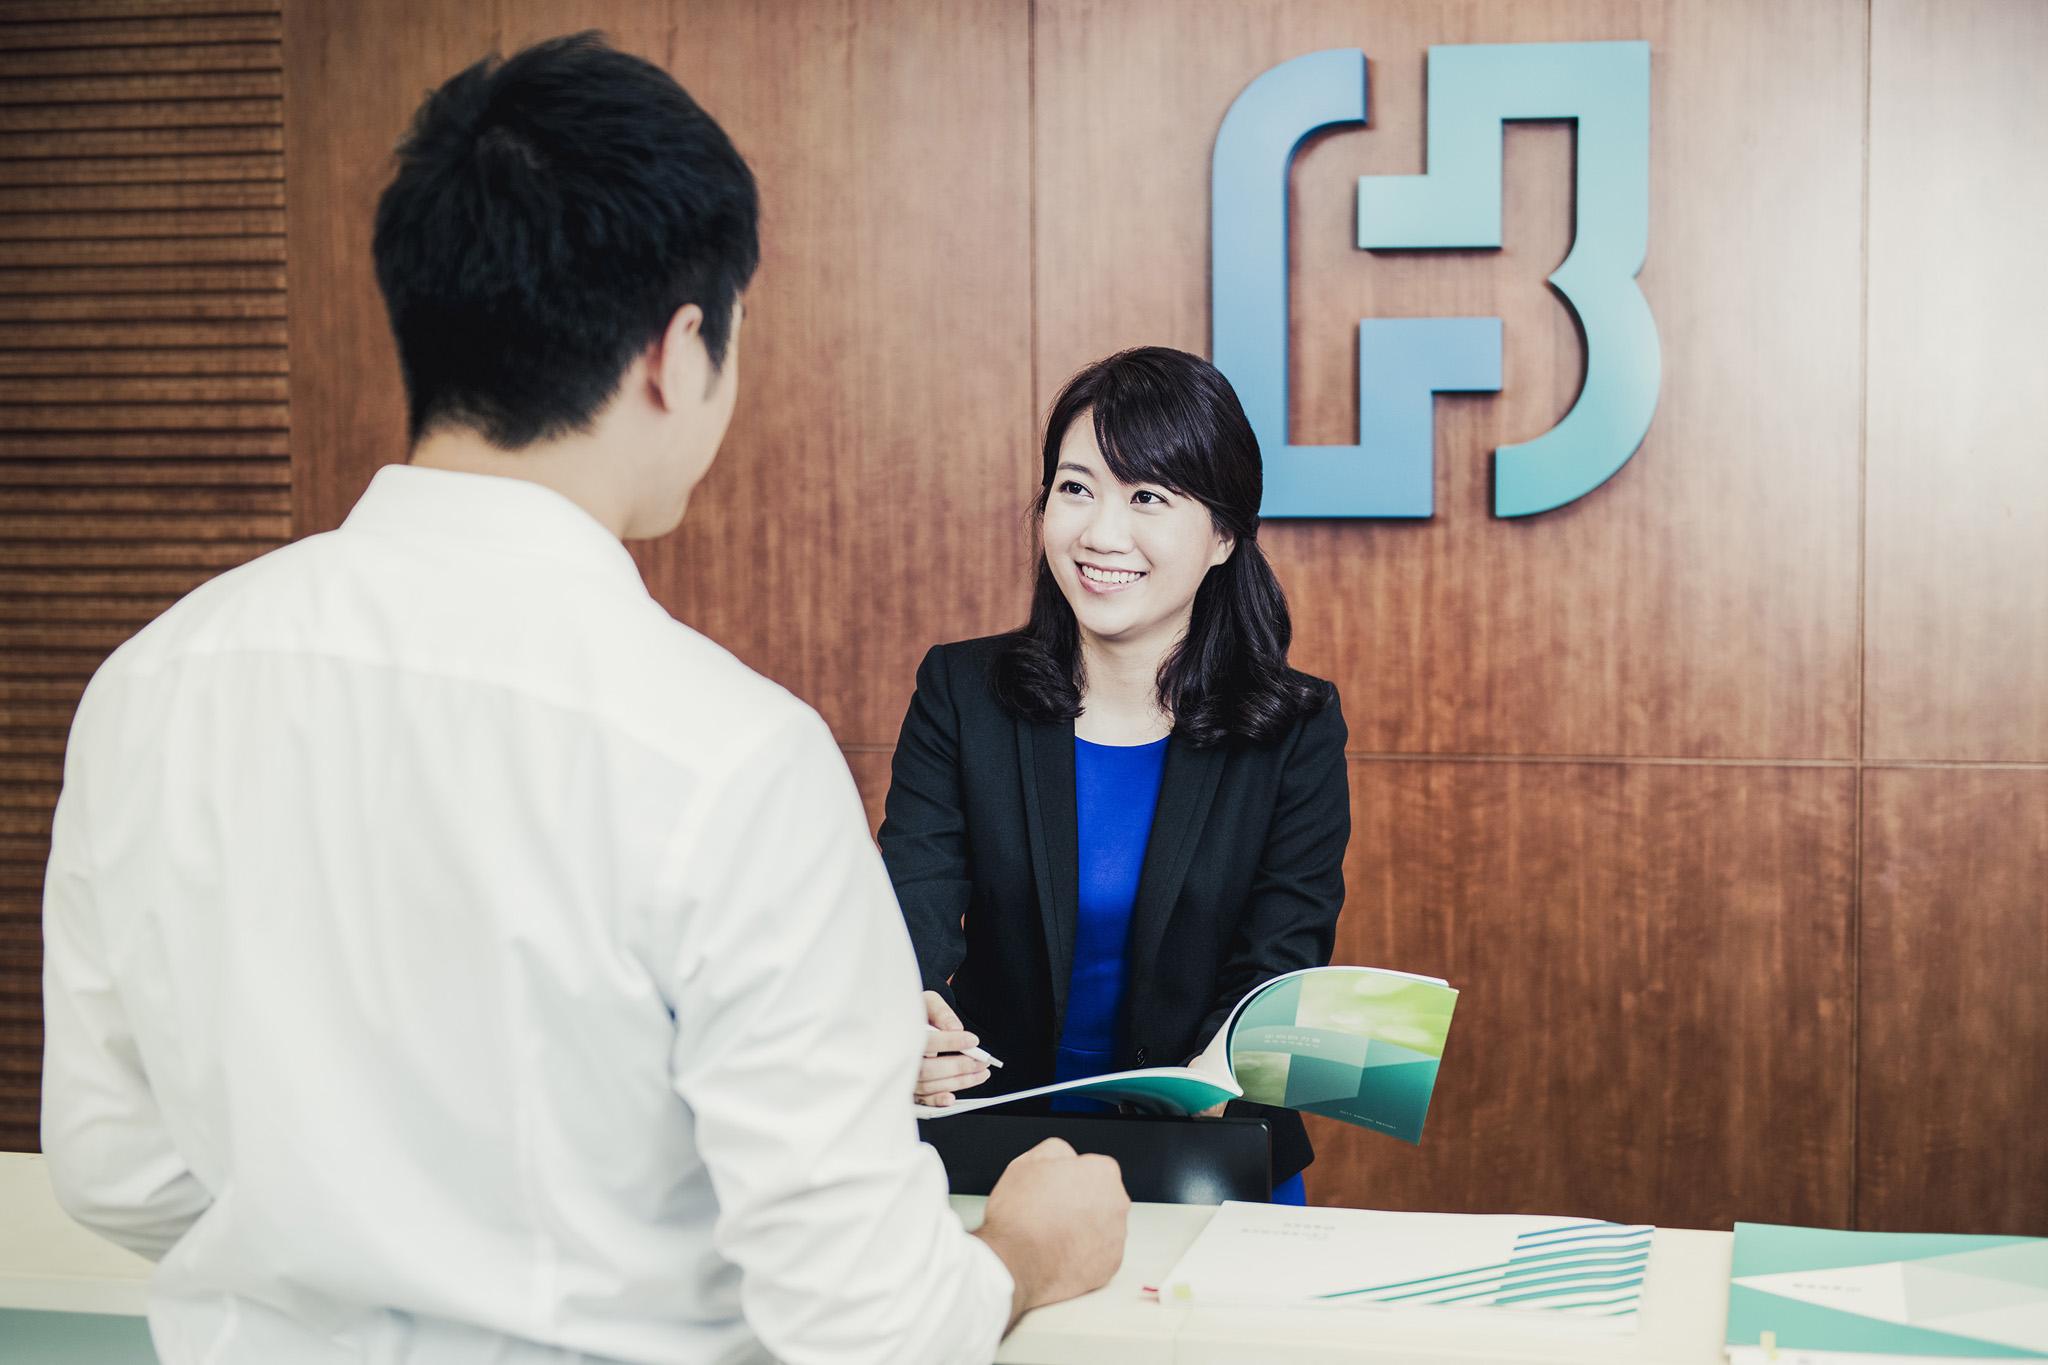 富邦產險推出家庭綜合險專案商品,提供更多樣且完整的保障。